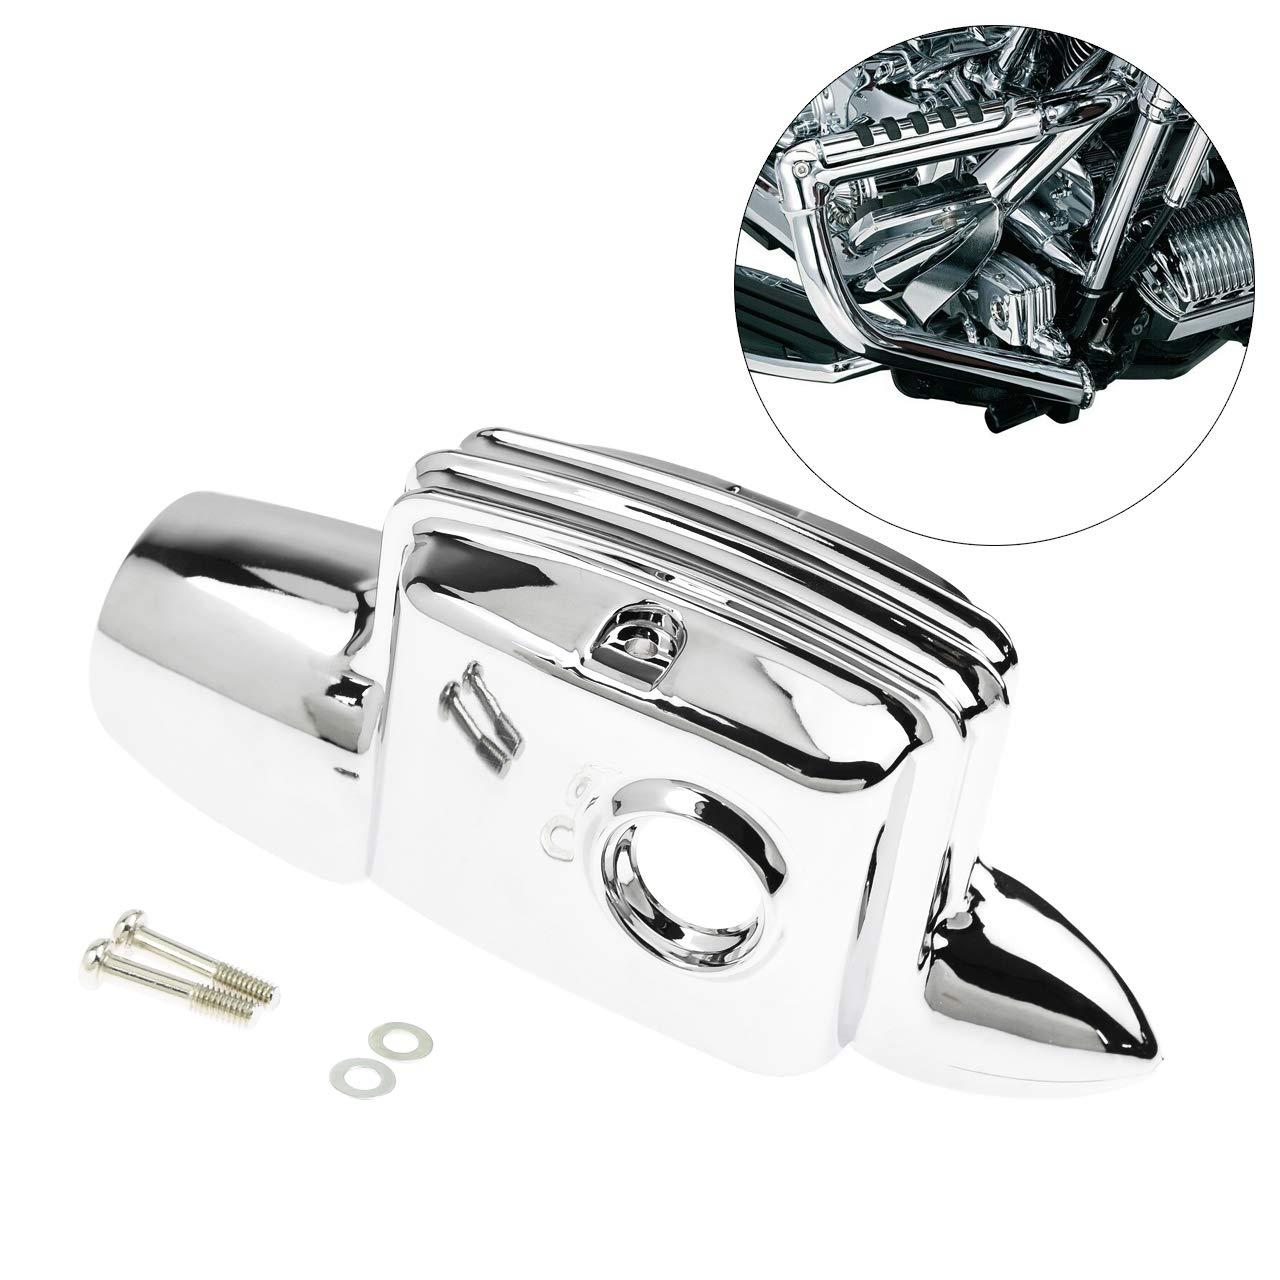 REBACKER Chrome Rear Brake Master Cylinder Cover Fit For Harley FLHT FLHX FLHR 2008-2019